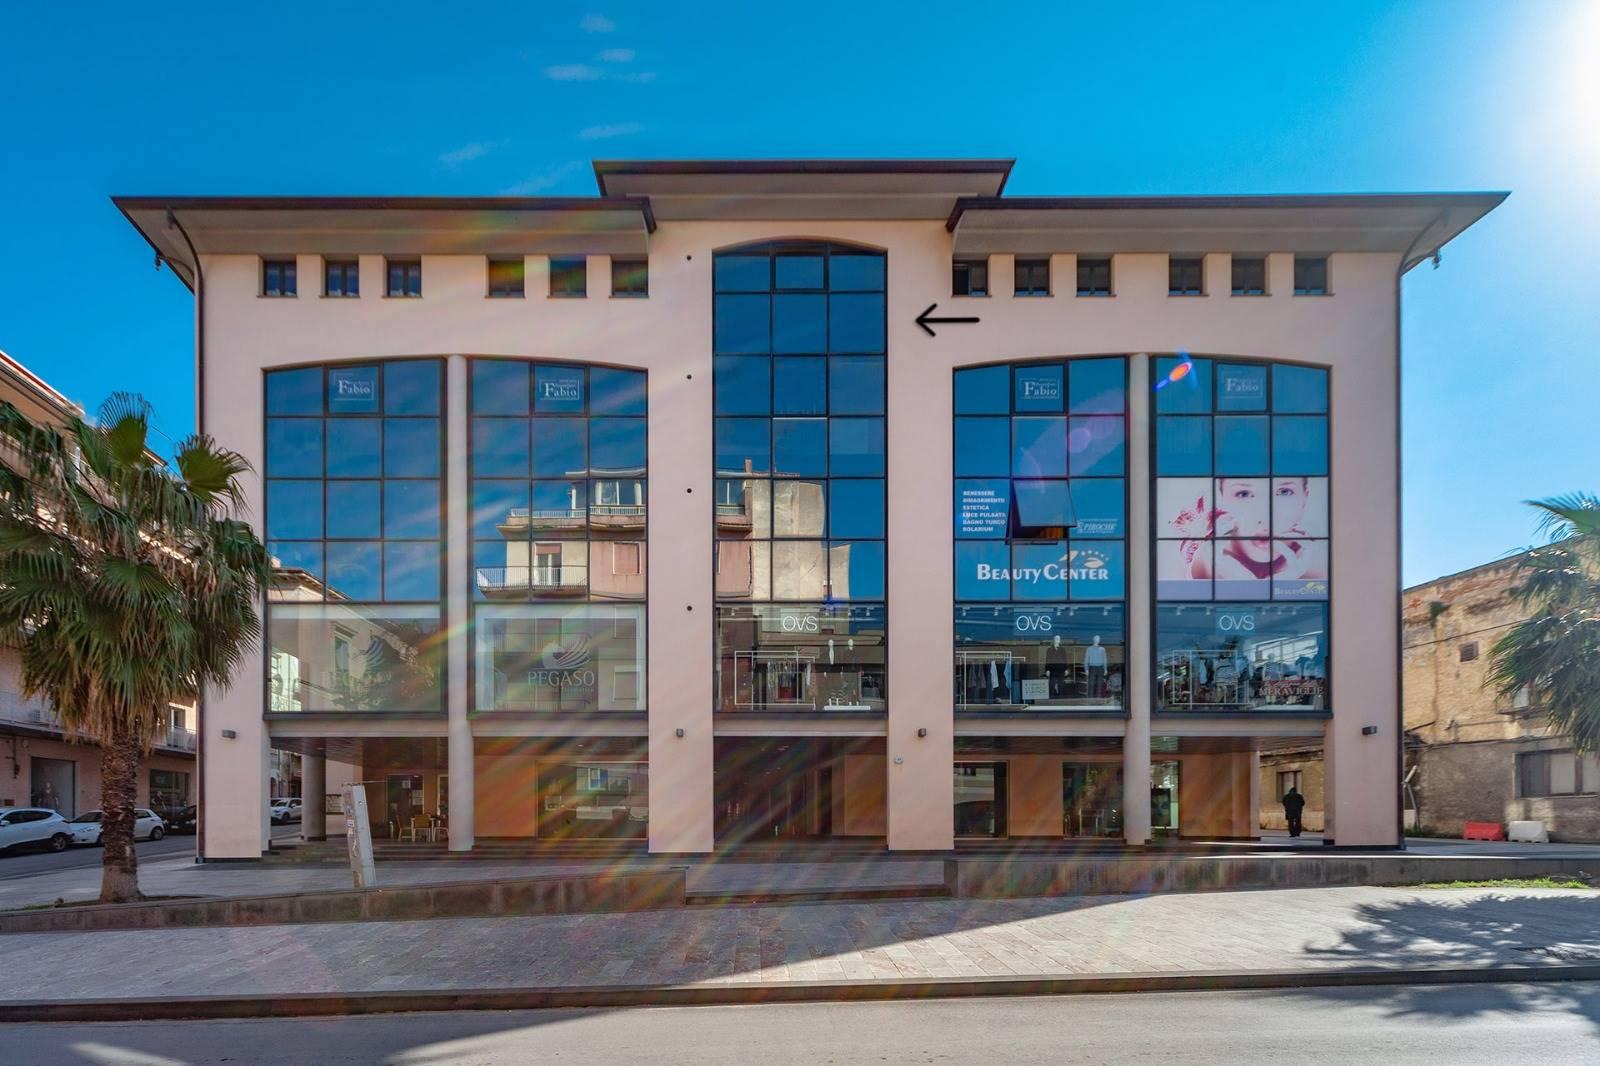 3061 – Ufficio a SANT'AGATA DI MILITELLO